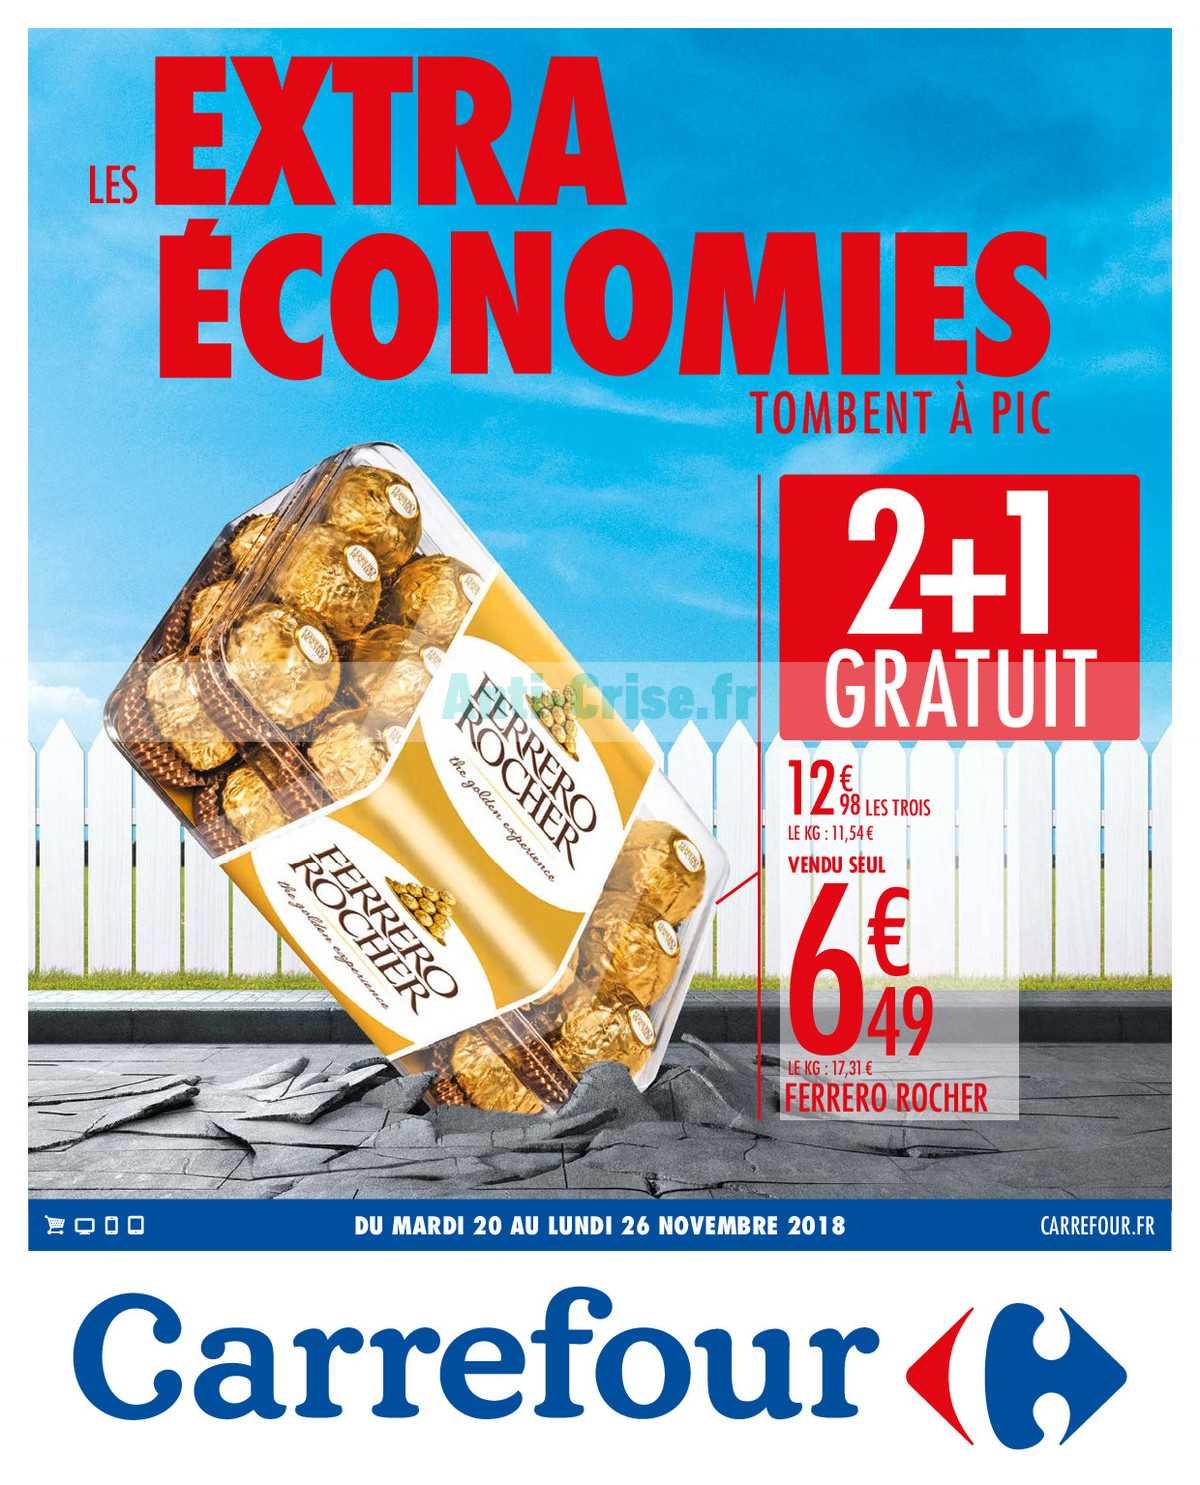 Catalogue Carrefour du 20 au 26 novembre 2018